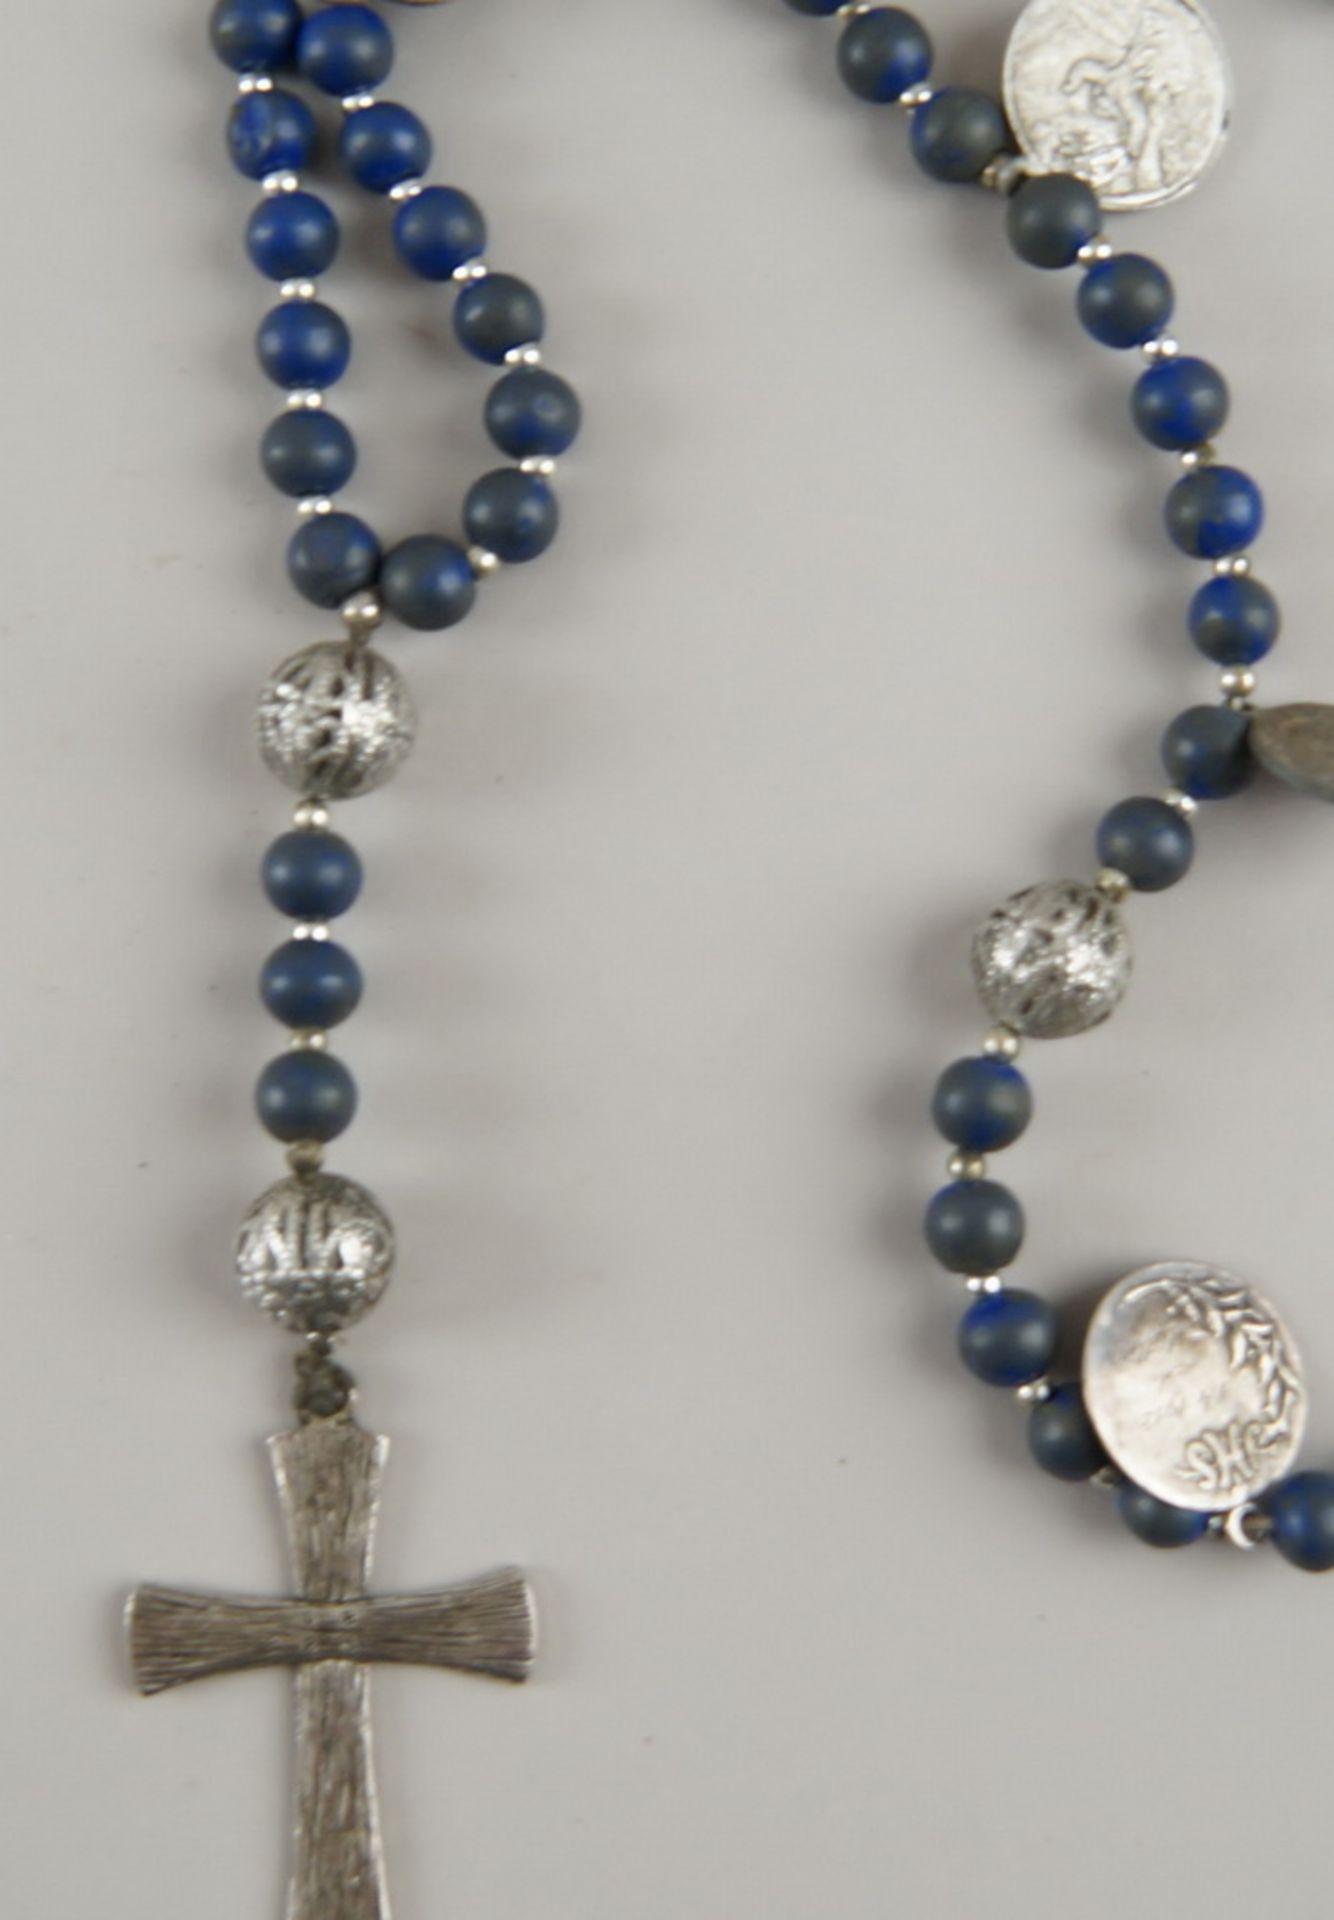 Los 38 - Rosenkranz mit blauen Perlen, Silberkugeln und weiteren Behängnissen, Kreuz, L 53cm